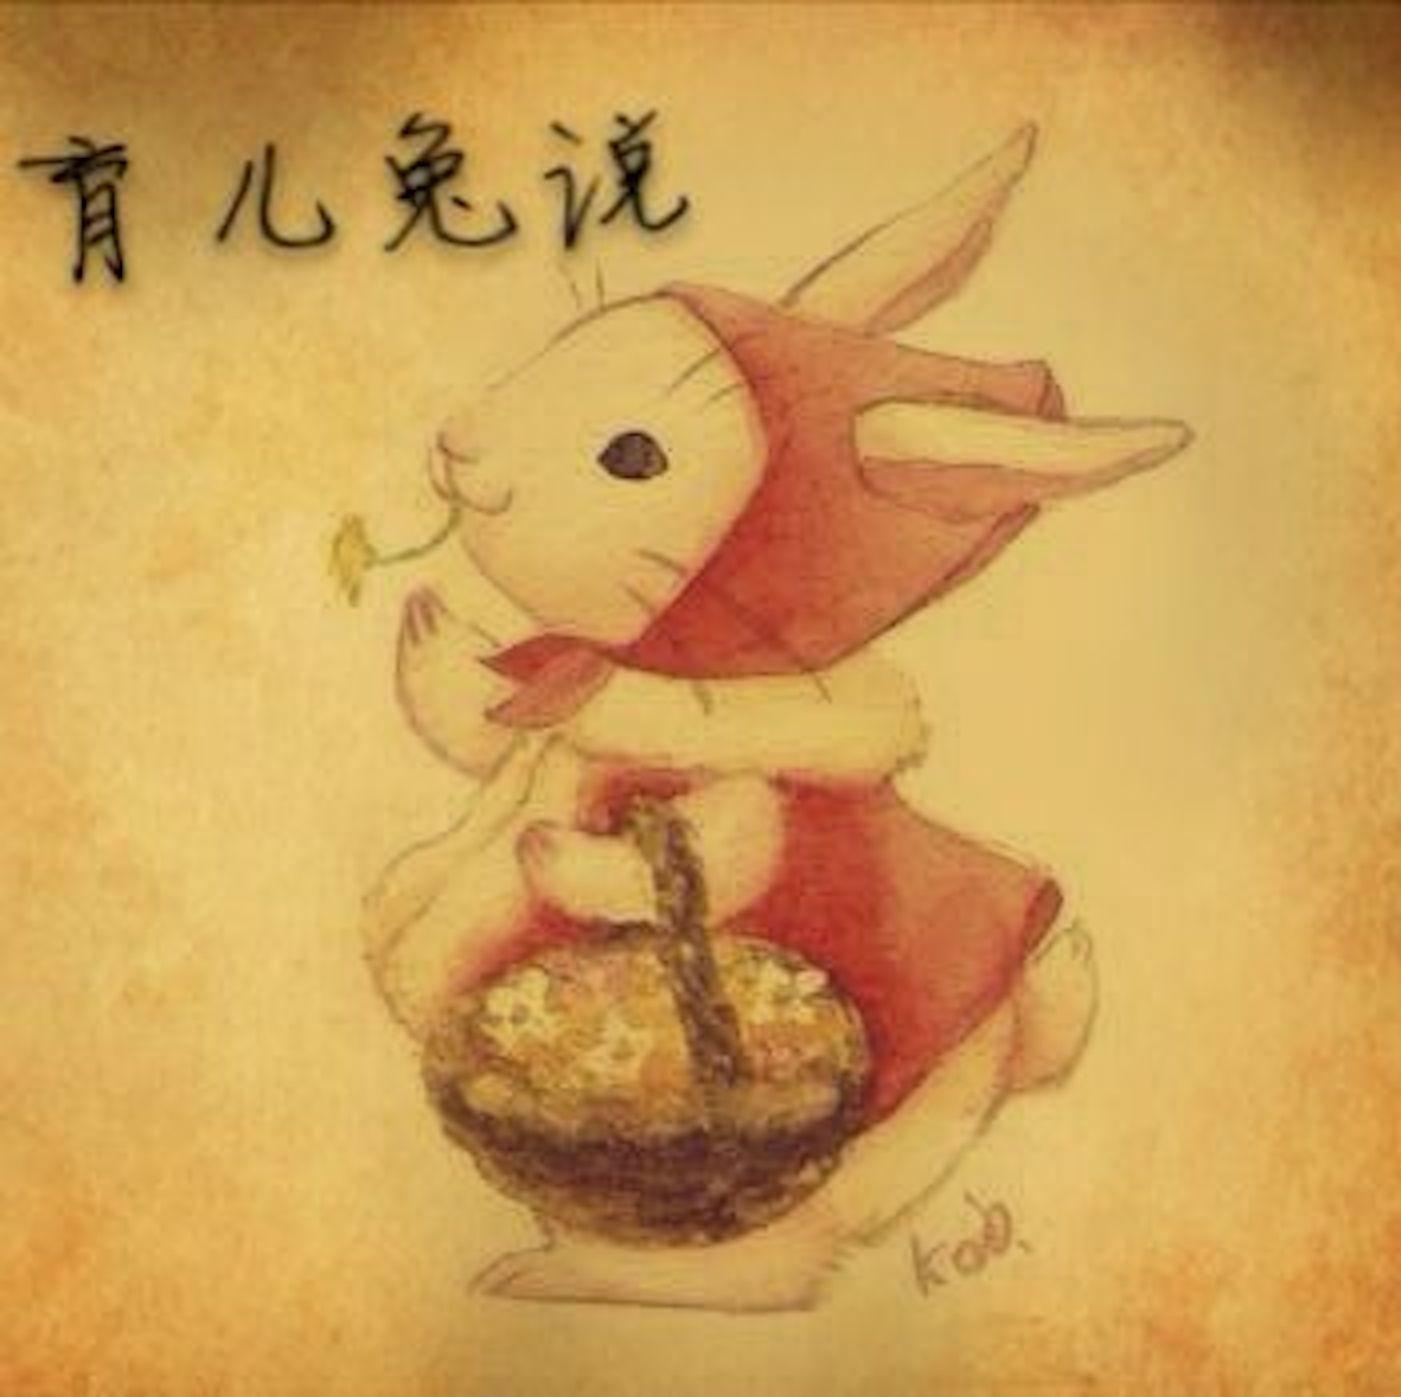 <![CDATA[育儿兔说@米来未来]]>